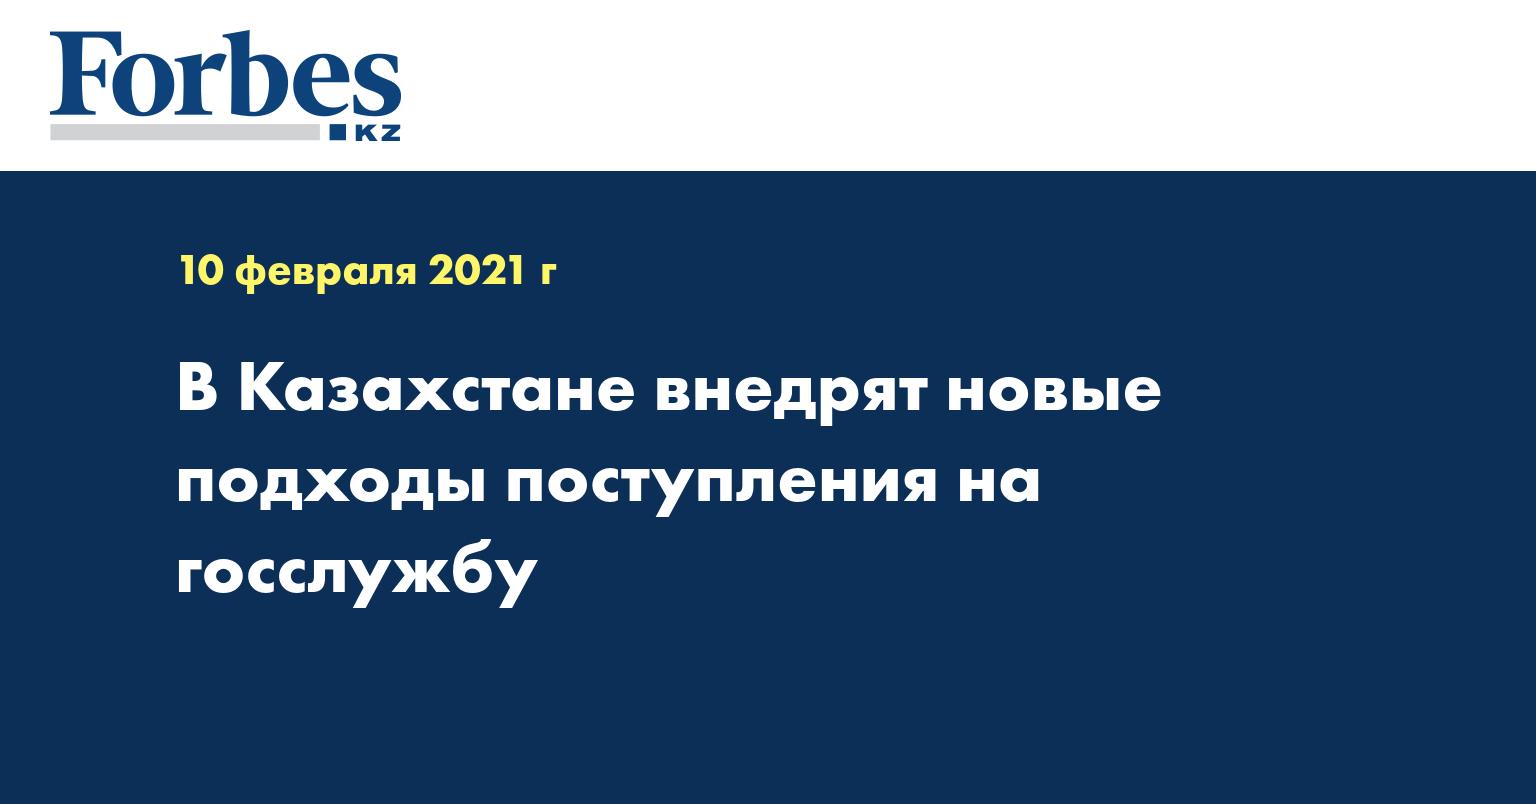 В Казахстане внедрят новые подходы поступления на госслужбу